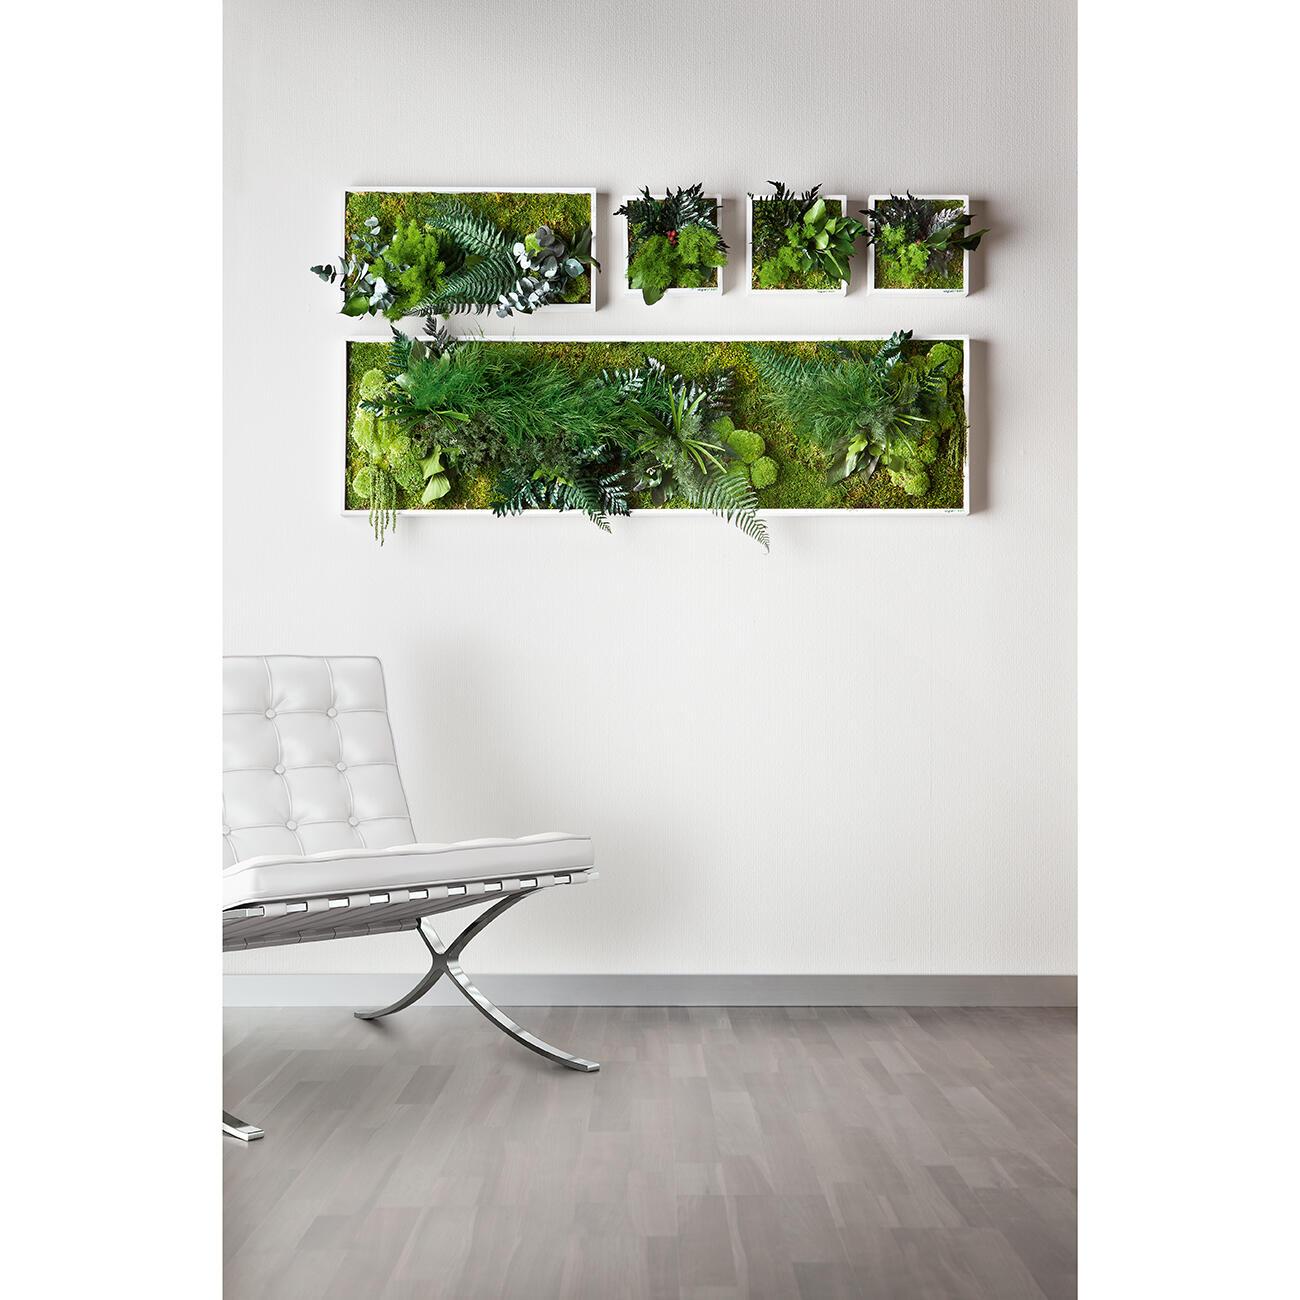 Perfekt Echtpflanzenbilder | 3 Jahre Garantie | Pro Idee